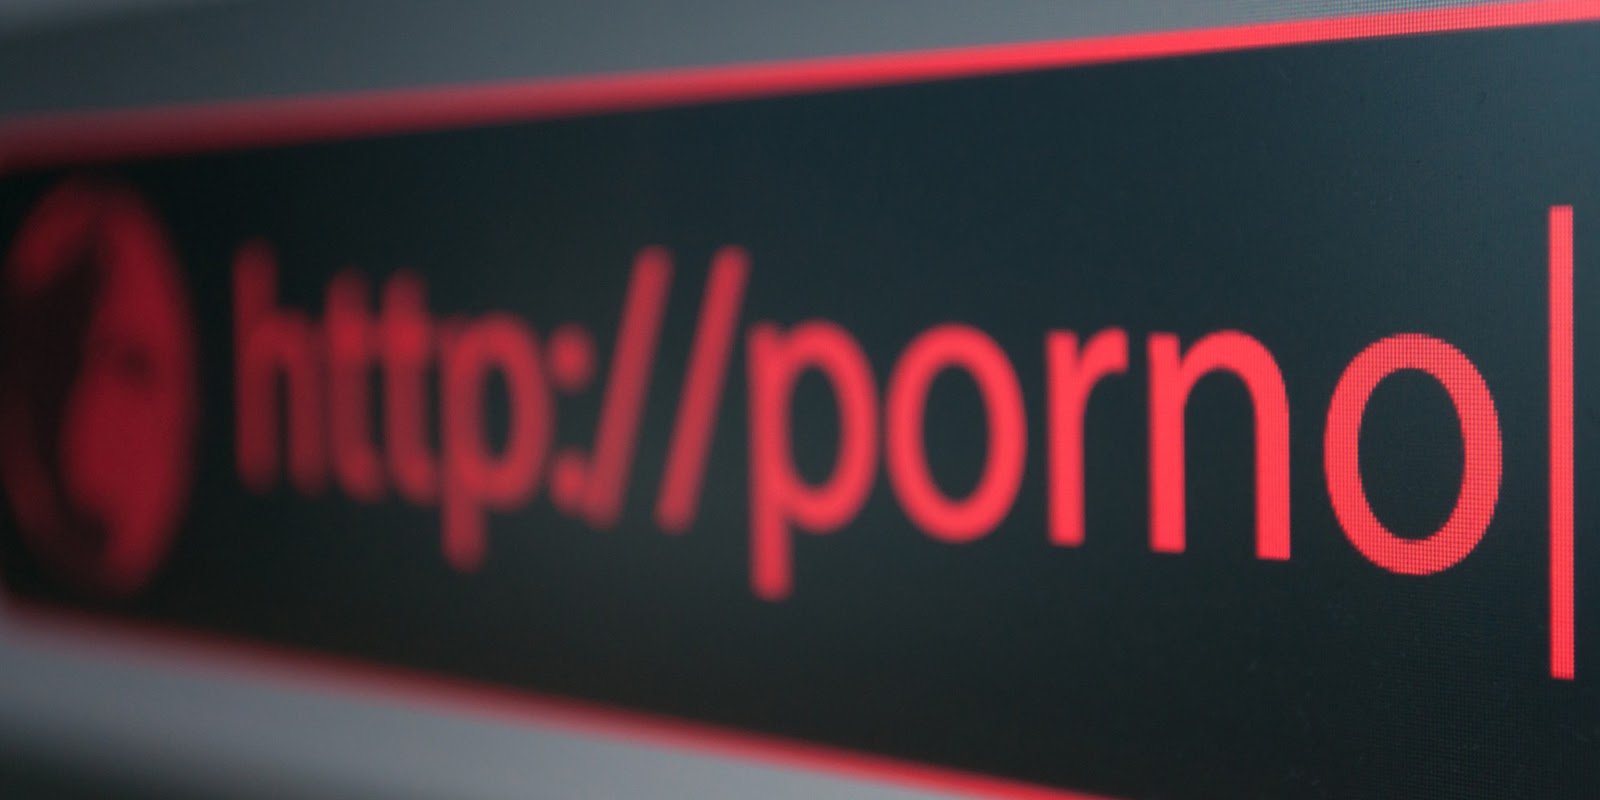 Actriz Porno Con Gente Normal red utopia roja: la industria audiovisual del porno, por